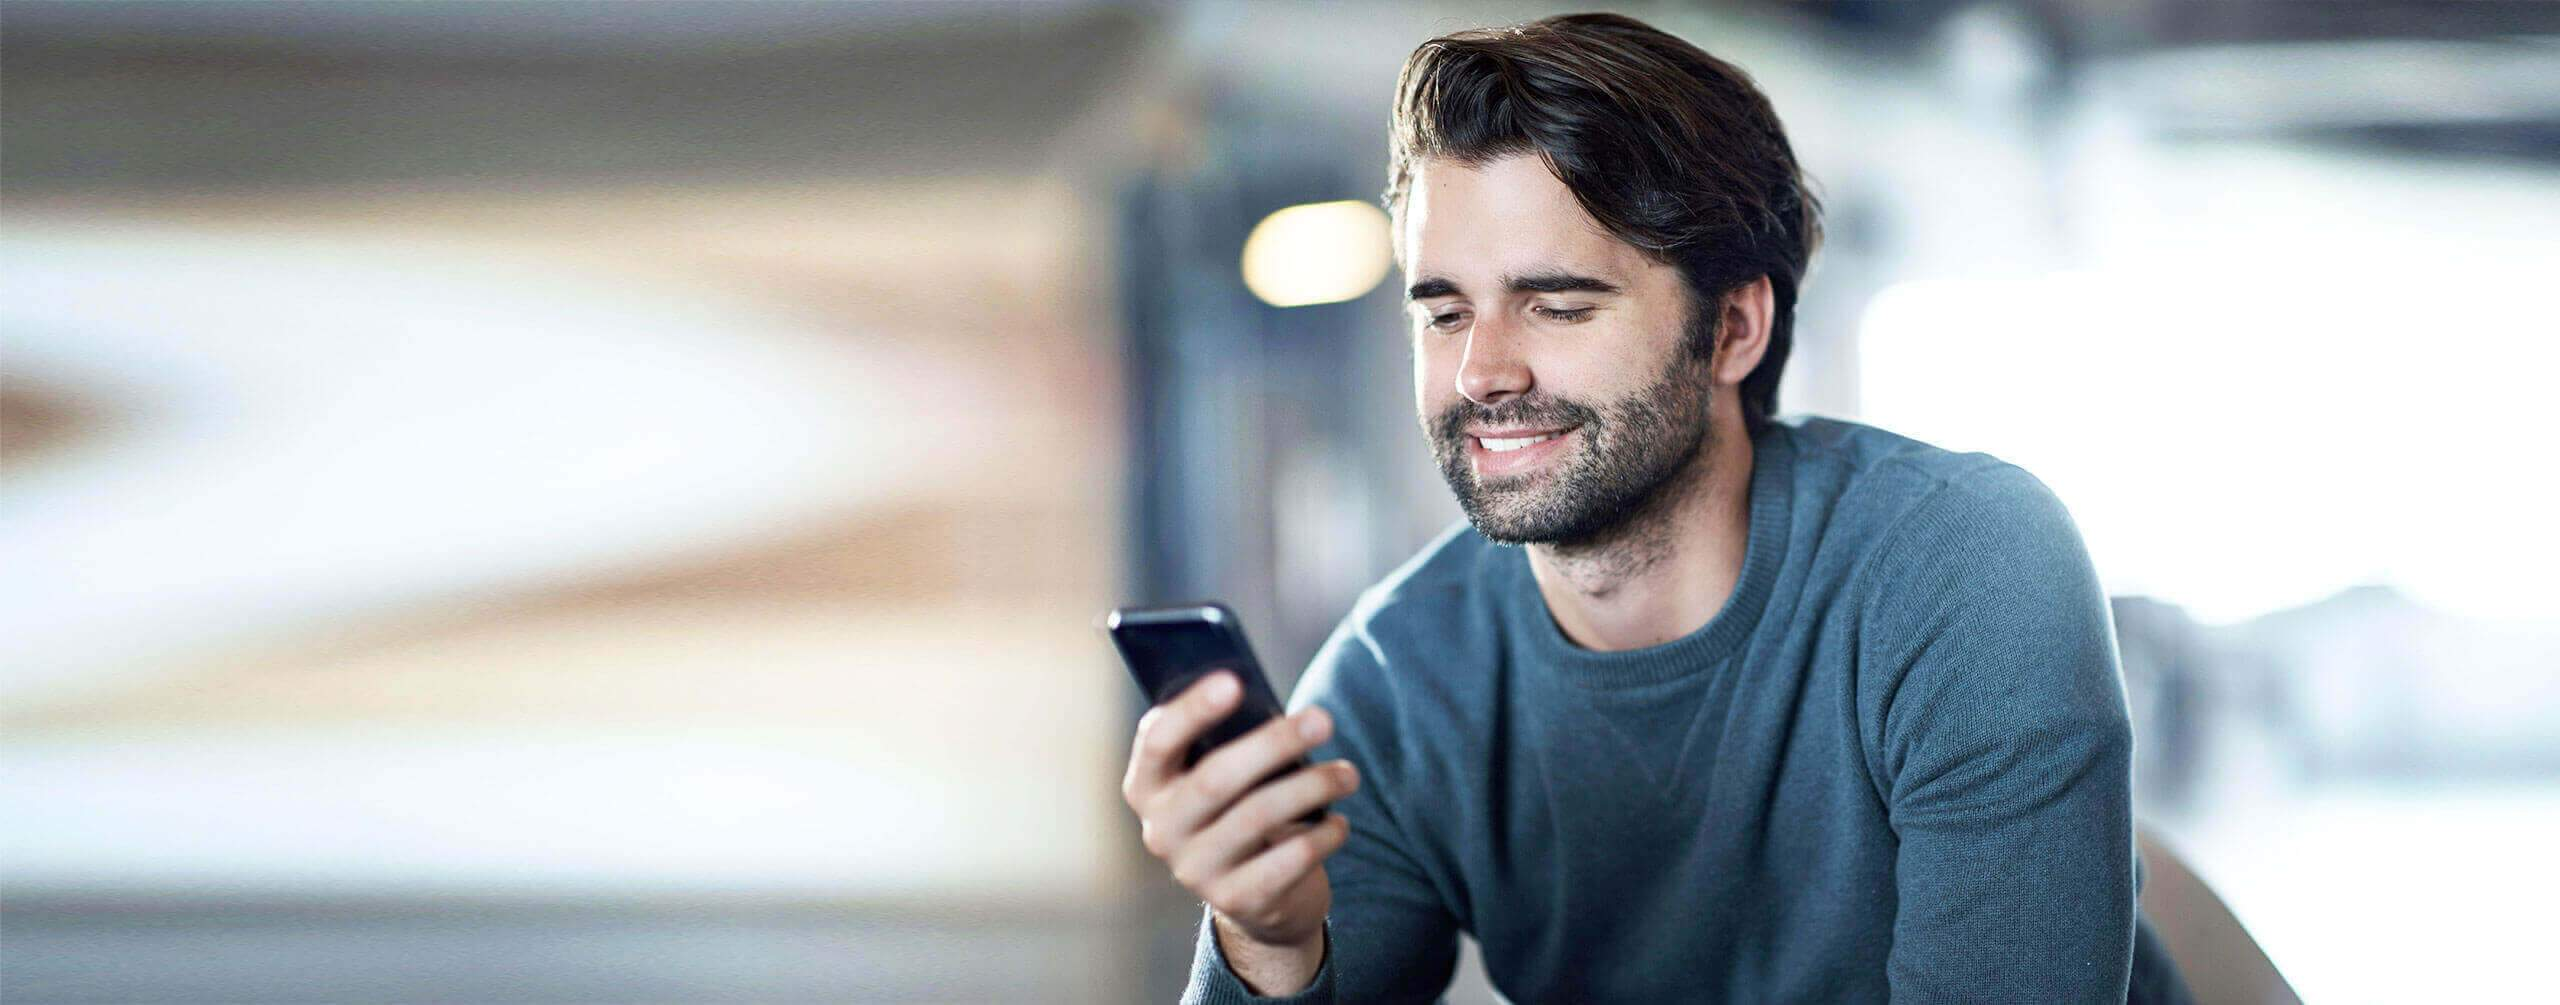 Mann guckt lächelnd auf eine Smartphone